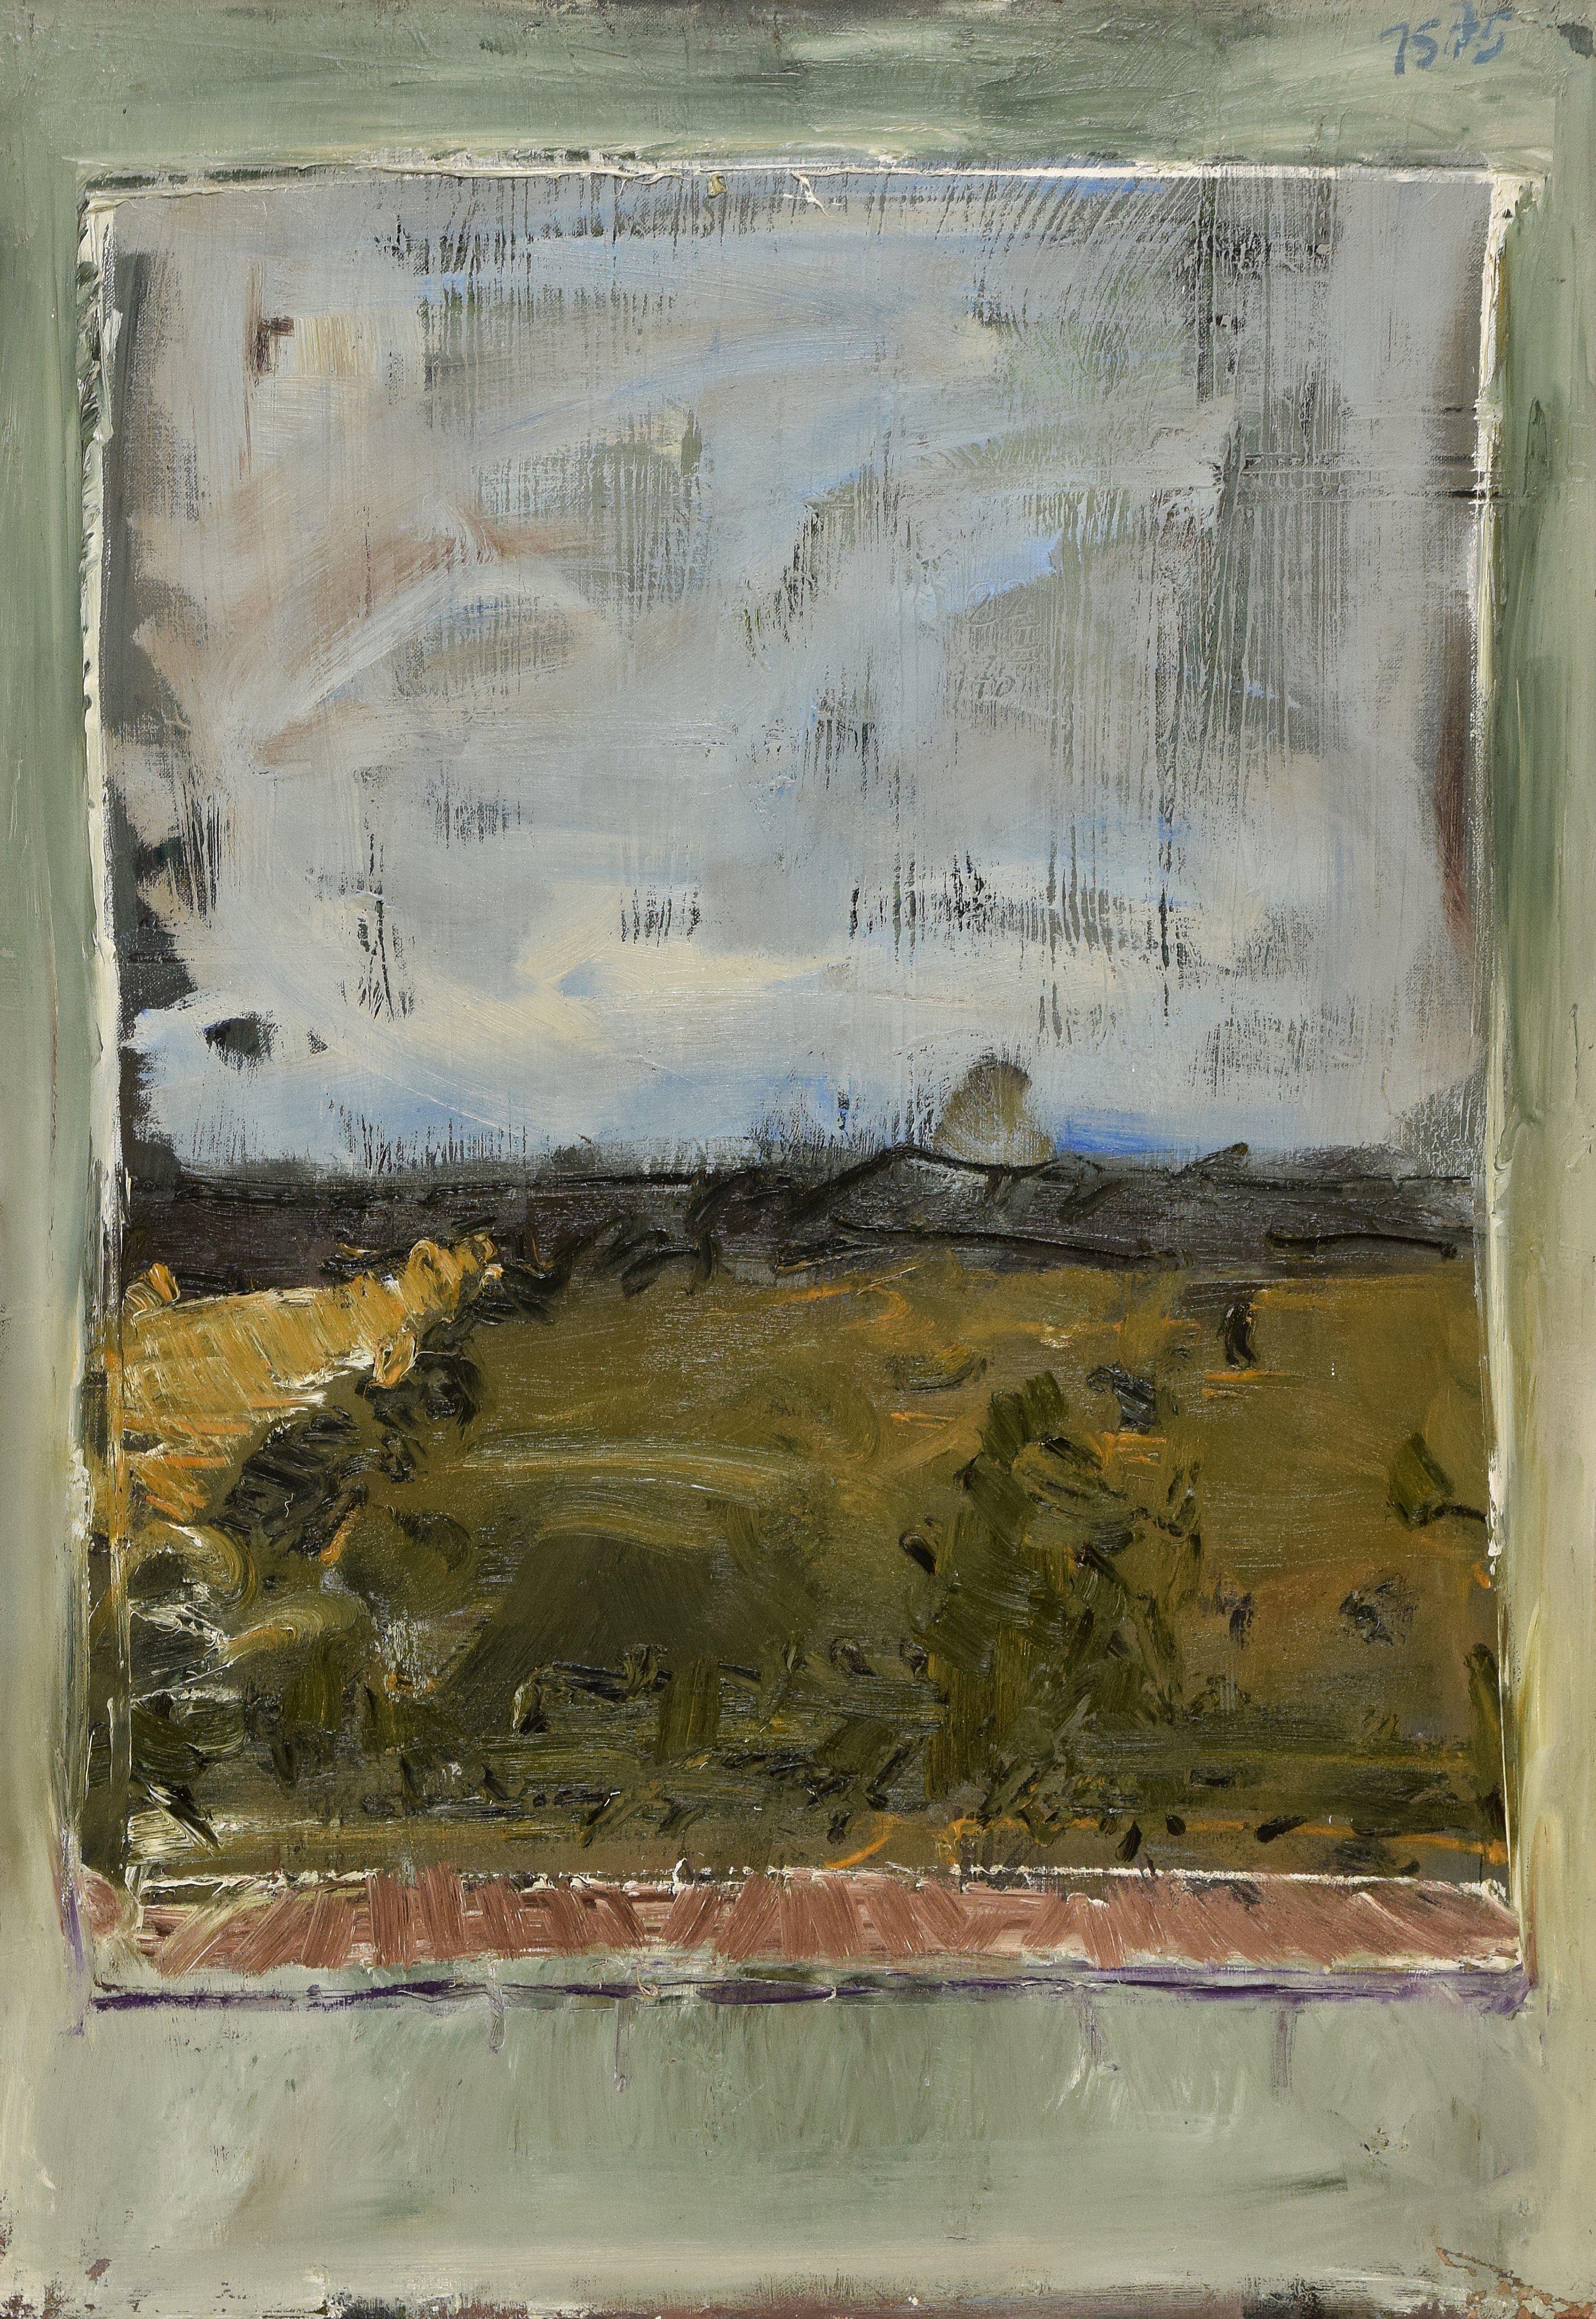 Pejzaż z okna, 1975